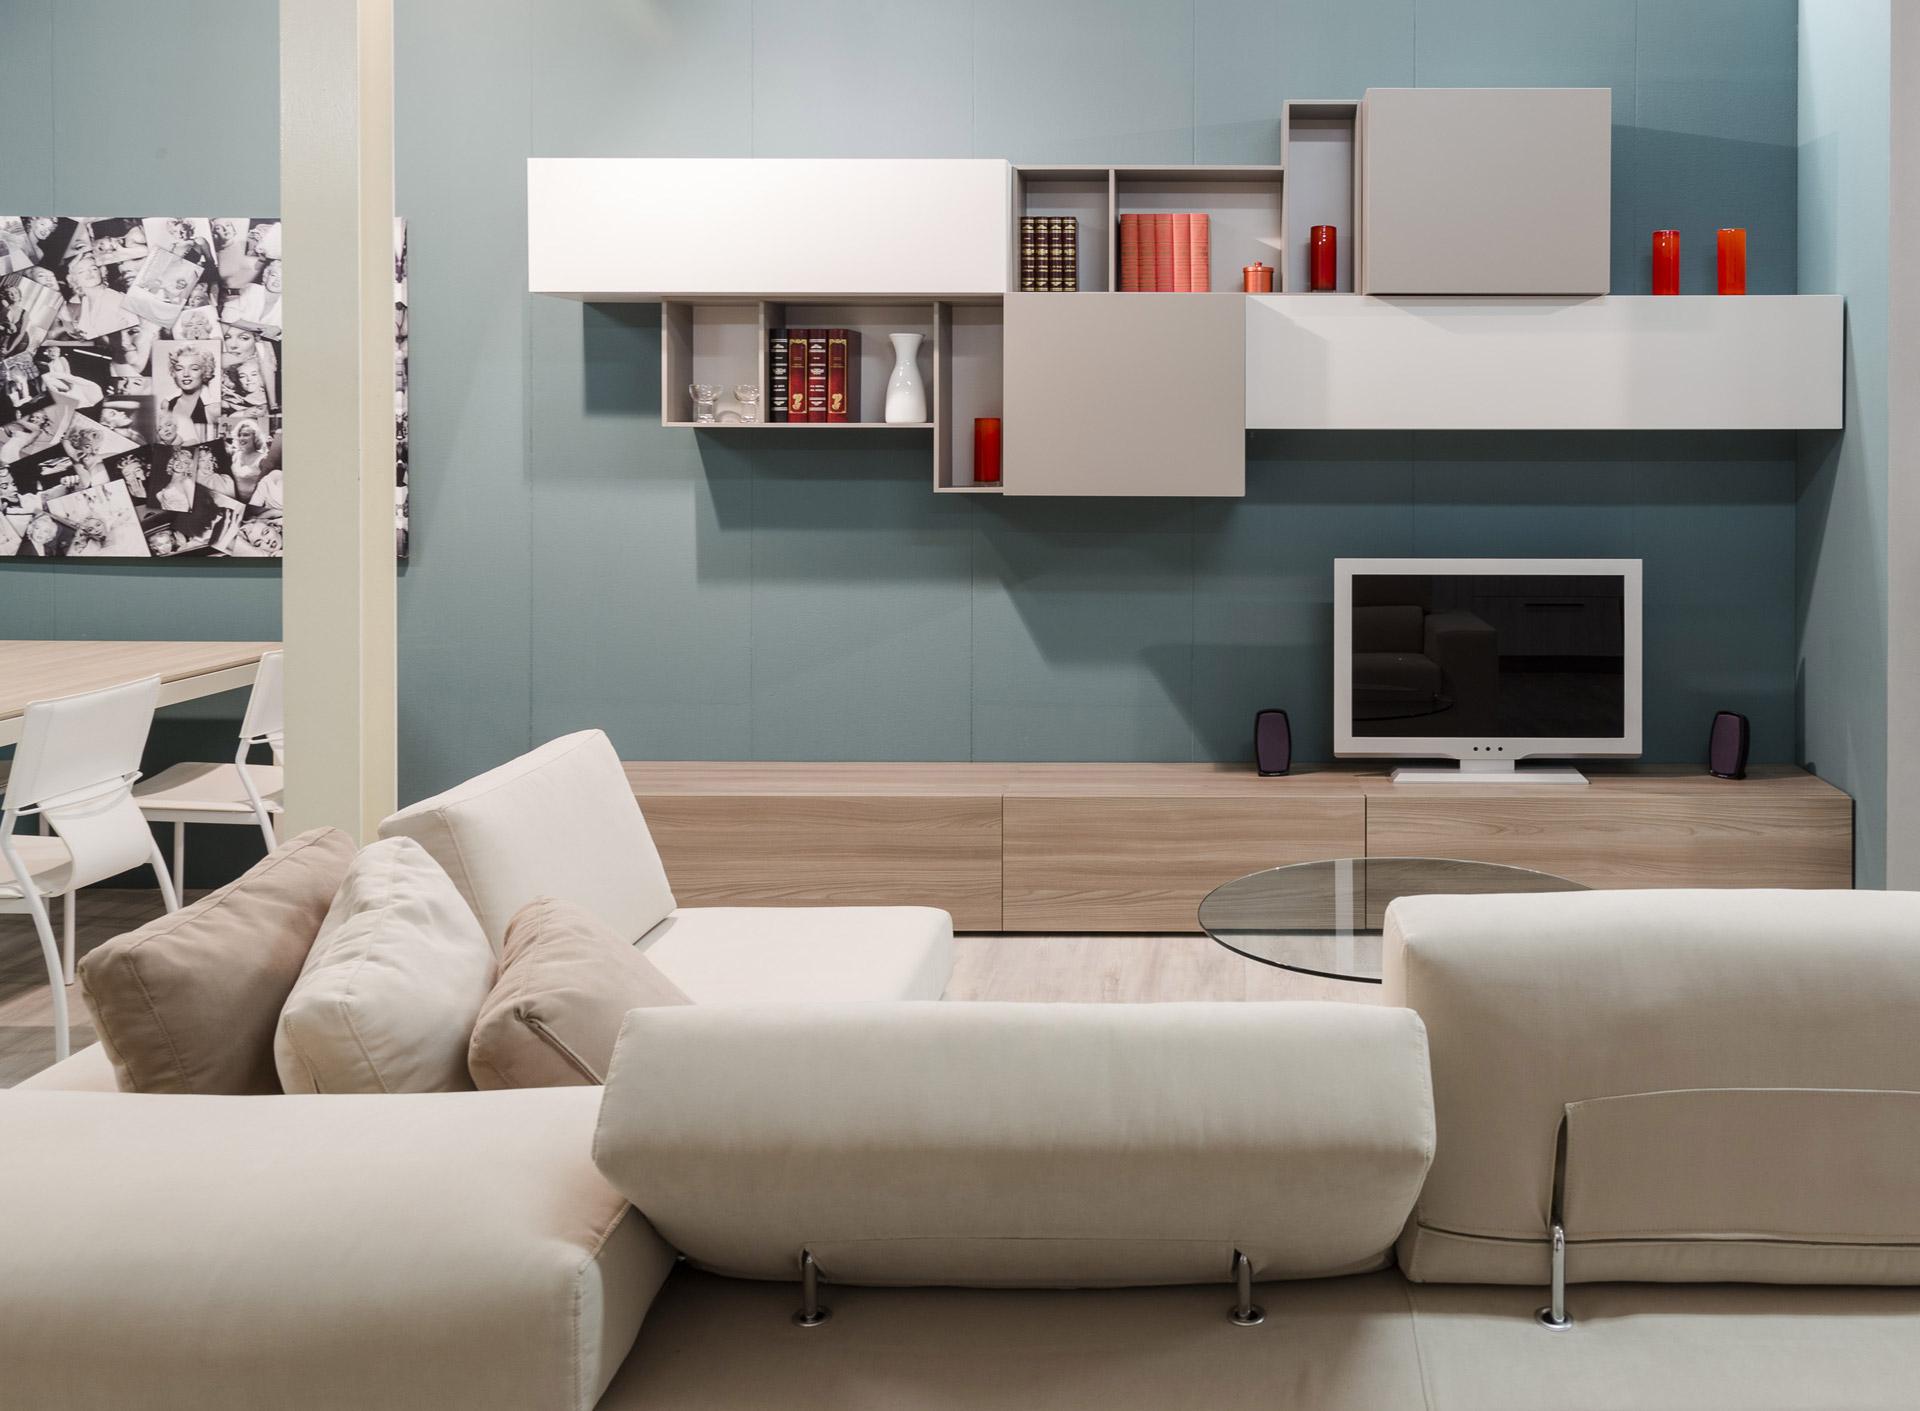 Soggiorni moderni imola pareti attrezzate e mobili ronchi arredamenti - Soggiorni pareti attrezzate moderne ...